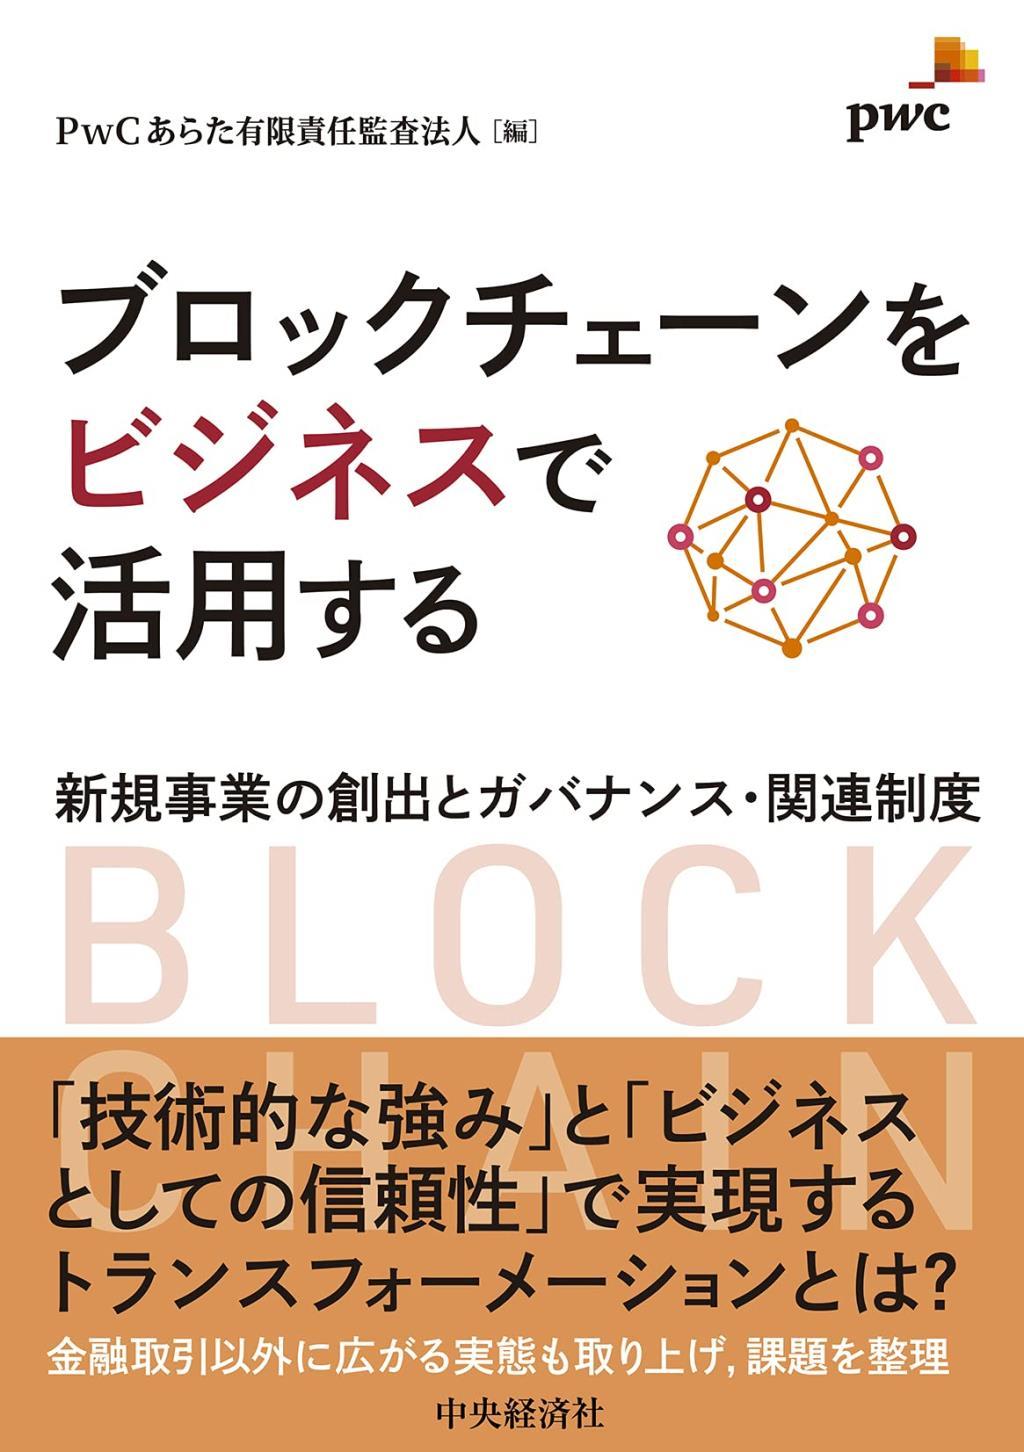 ブロックチェーンをビジネスで活用する